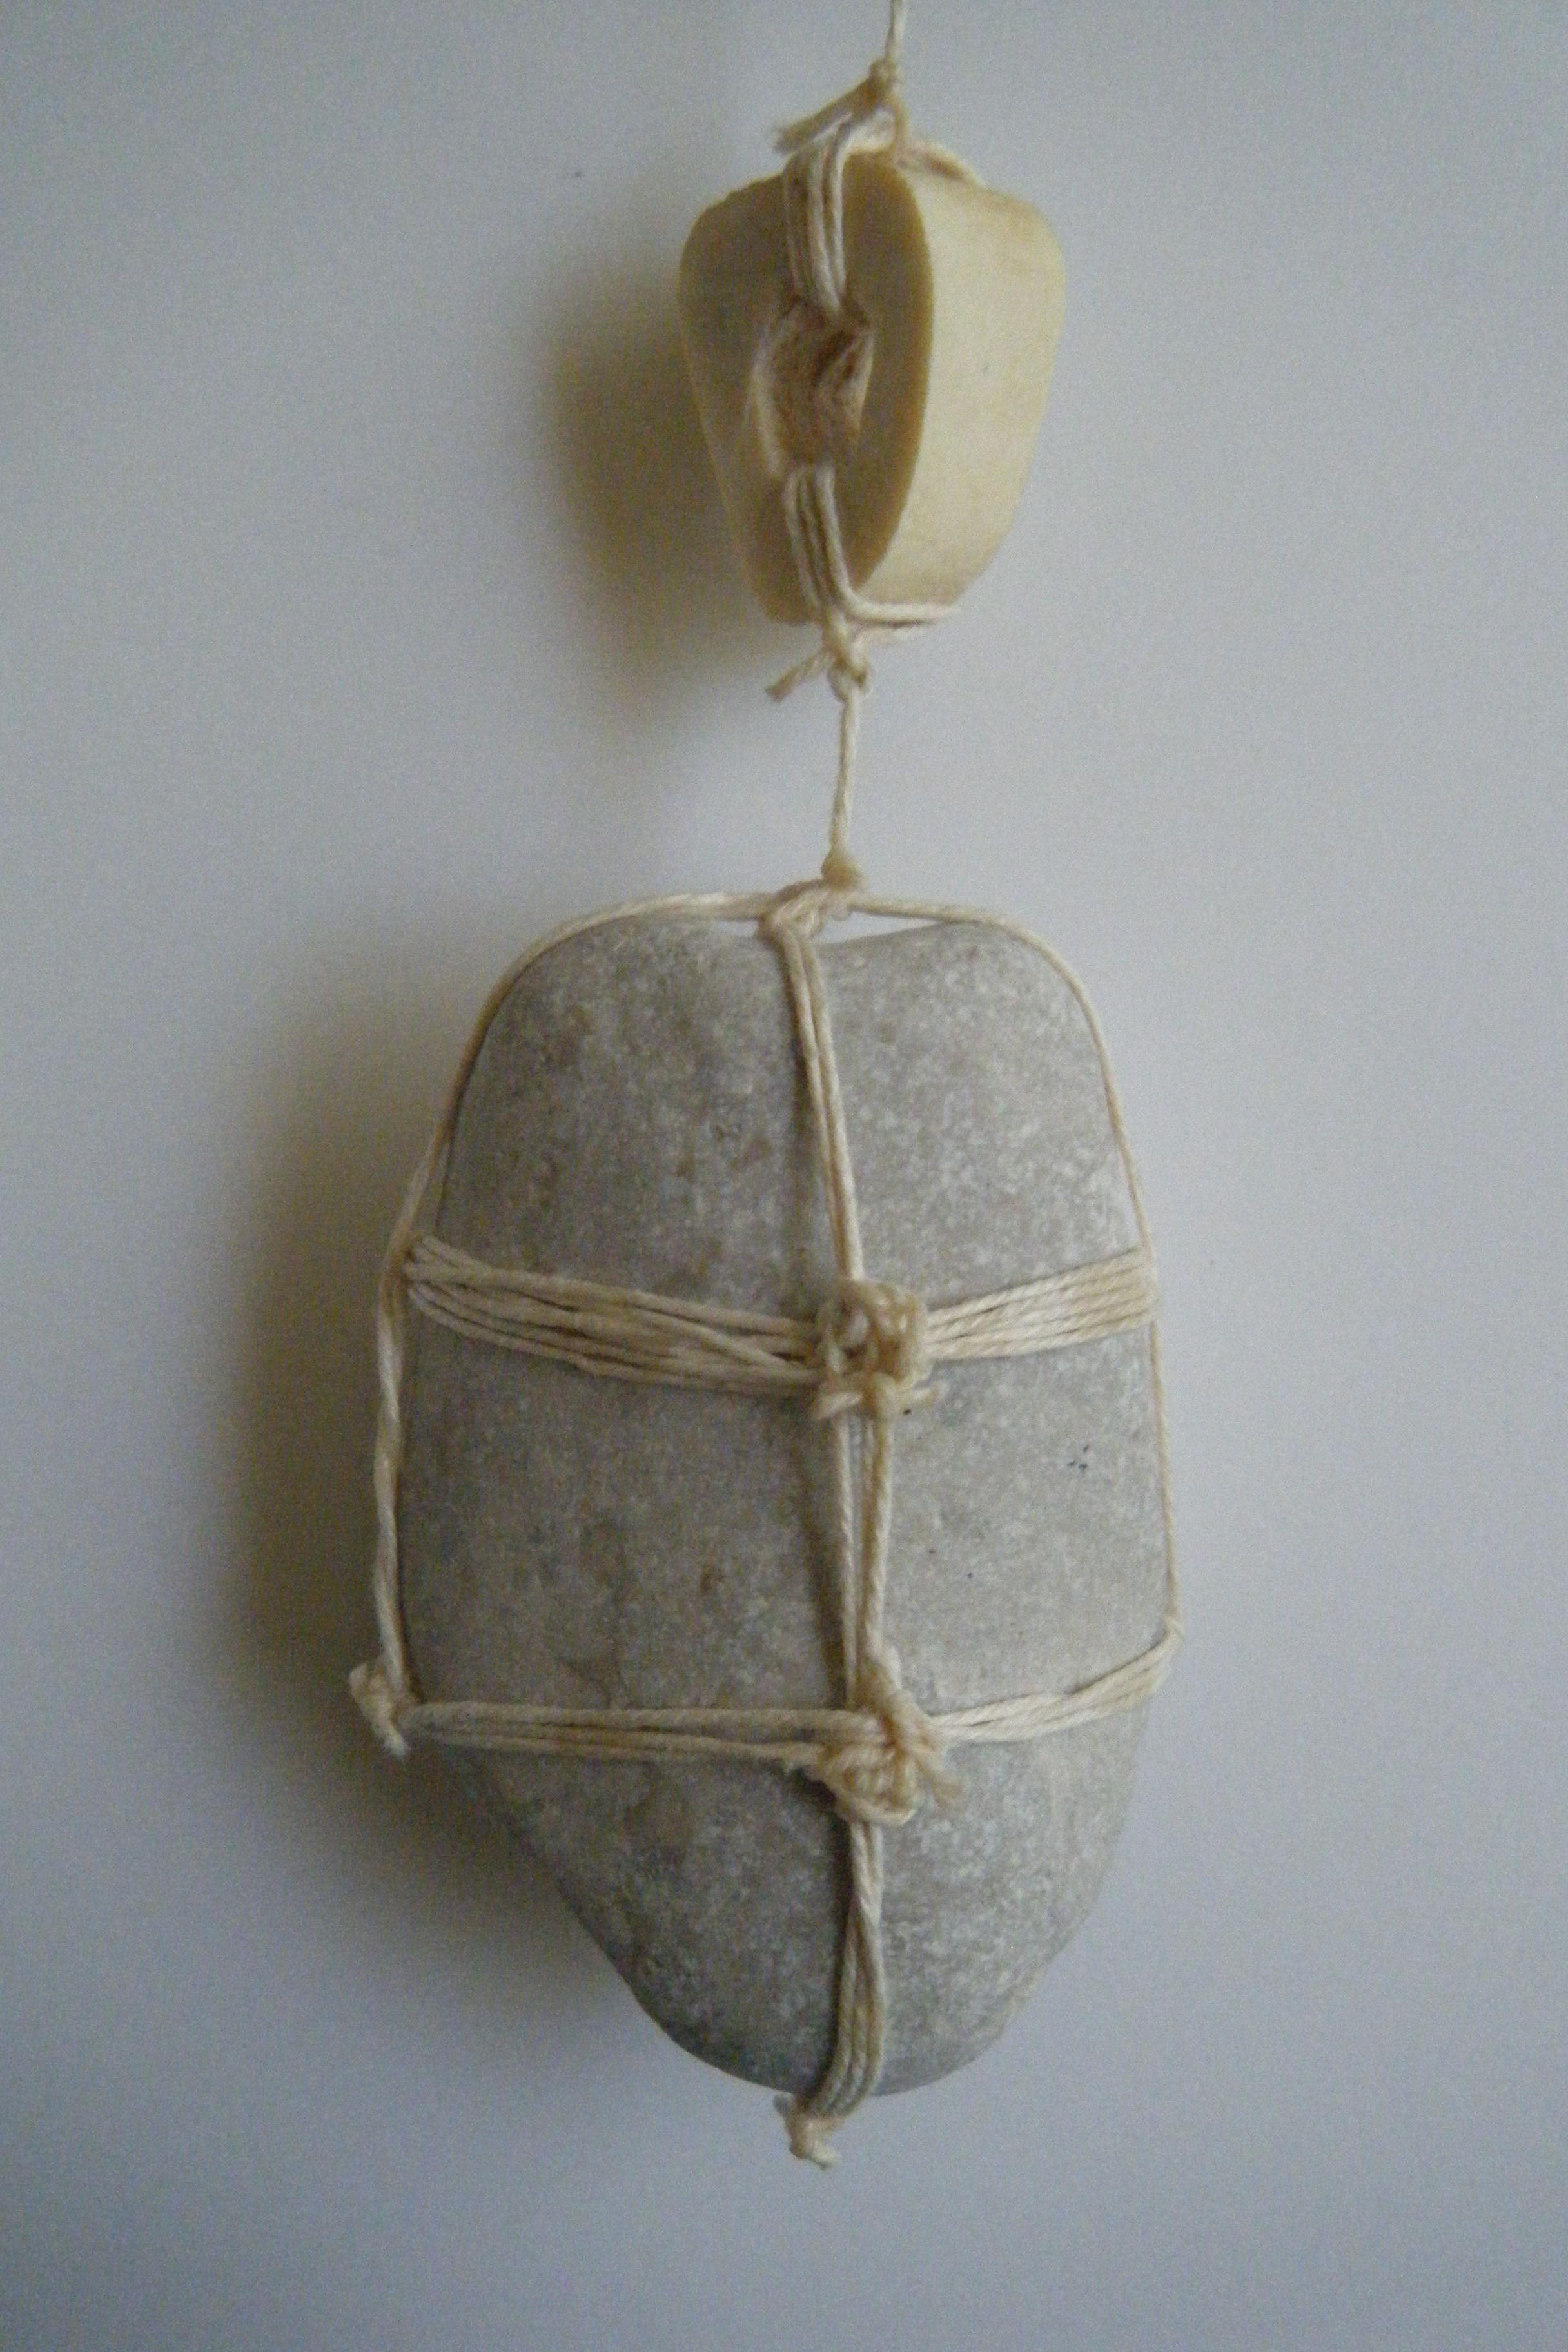 Piedra Amarrada A Un Hueso My Toys Pinterest Huesos Y Piedra # Muebles Toro Noia